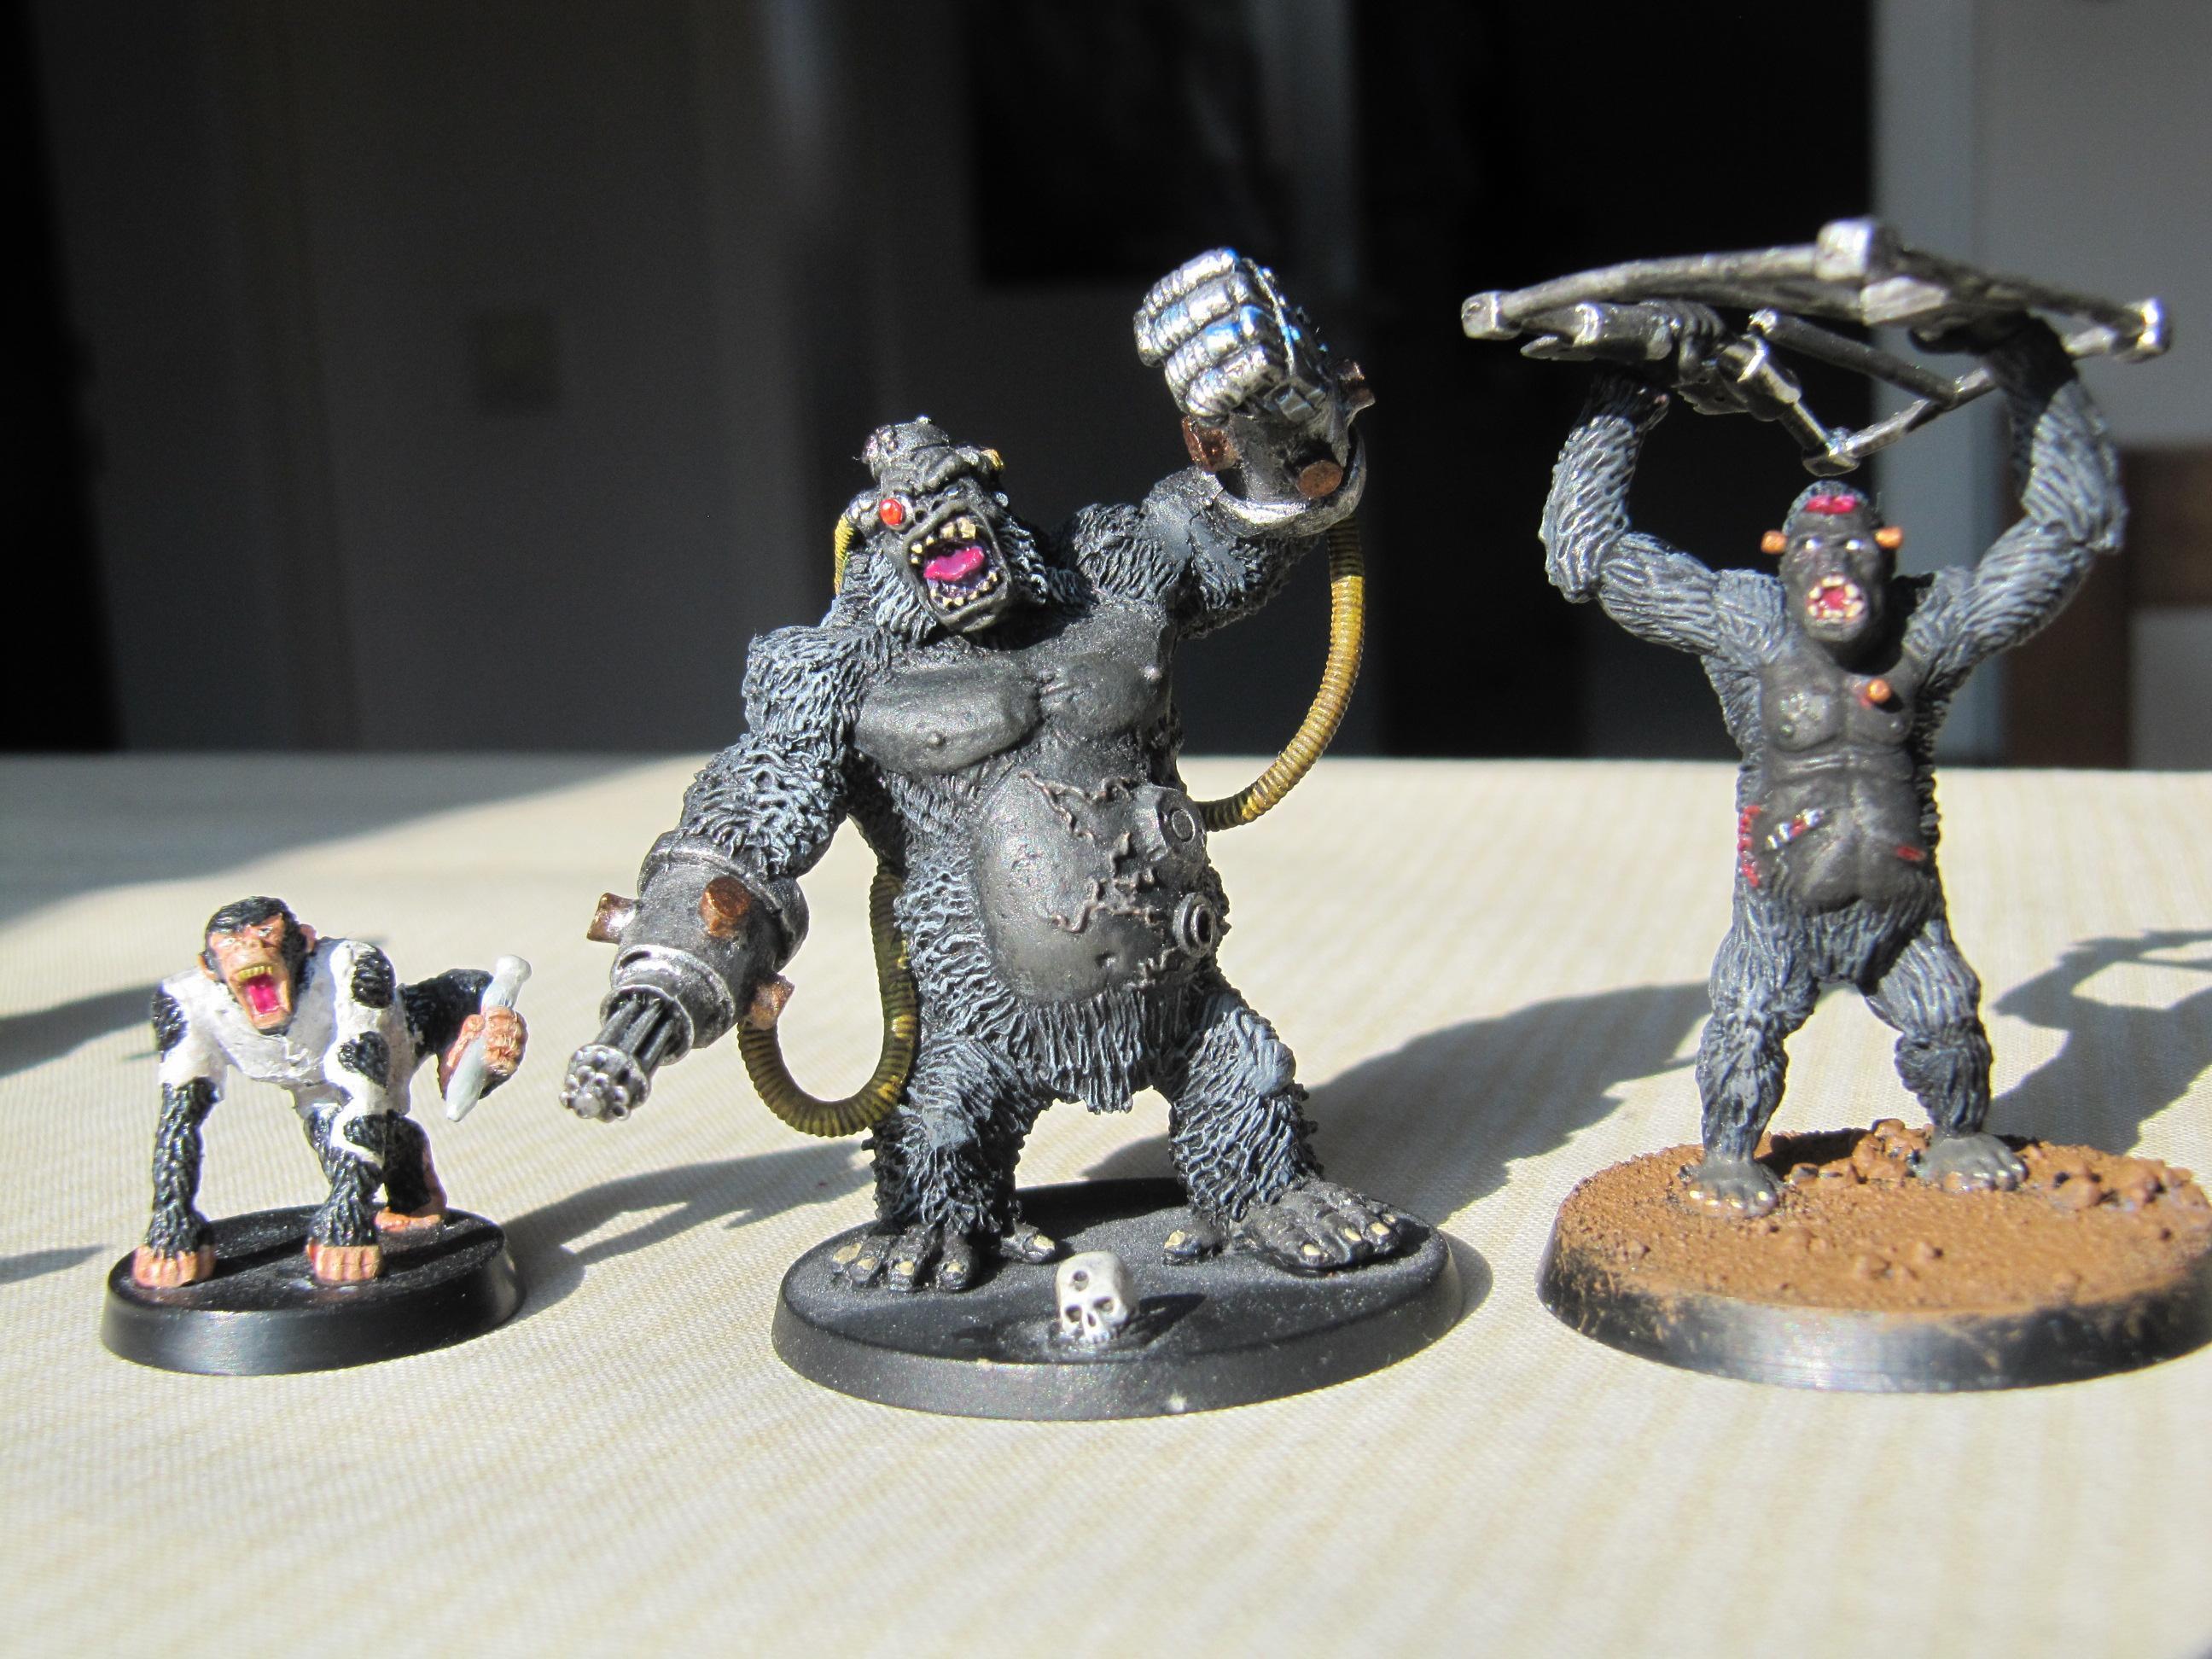 Affe, Ape, Cyborg, Gorilla, Kriegaffe, Monkey